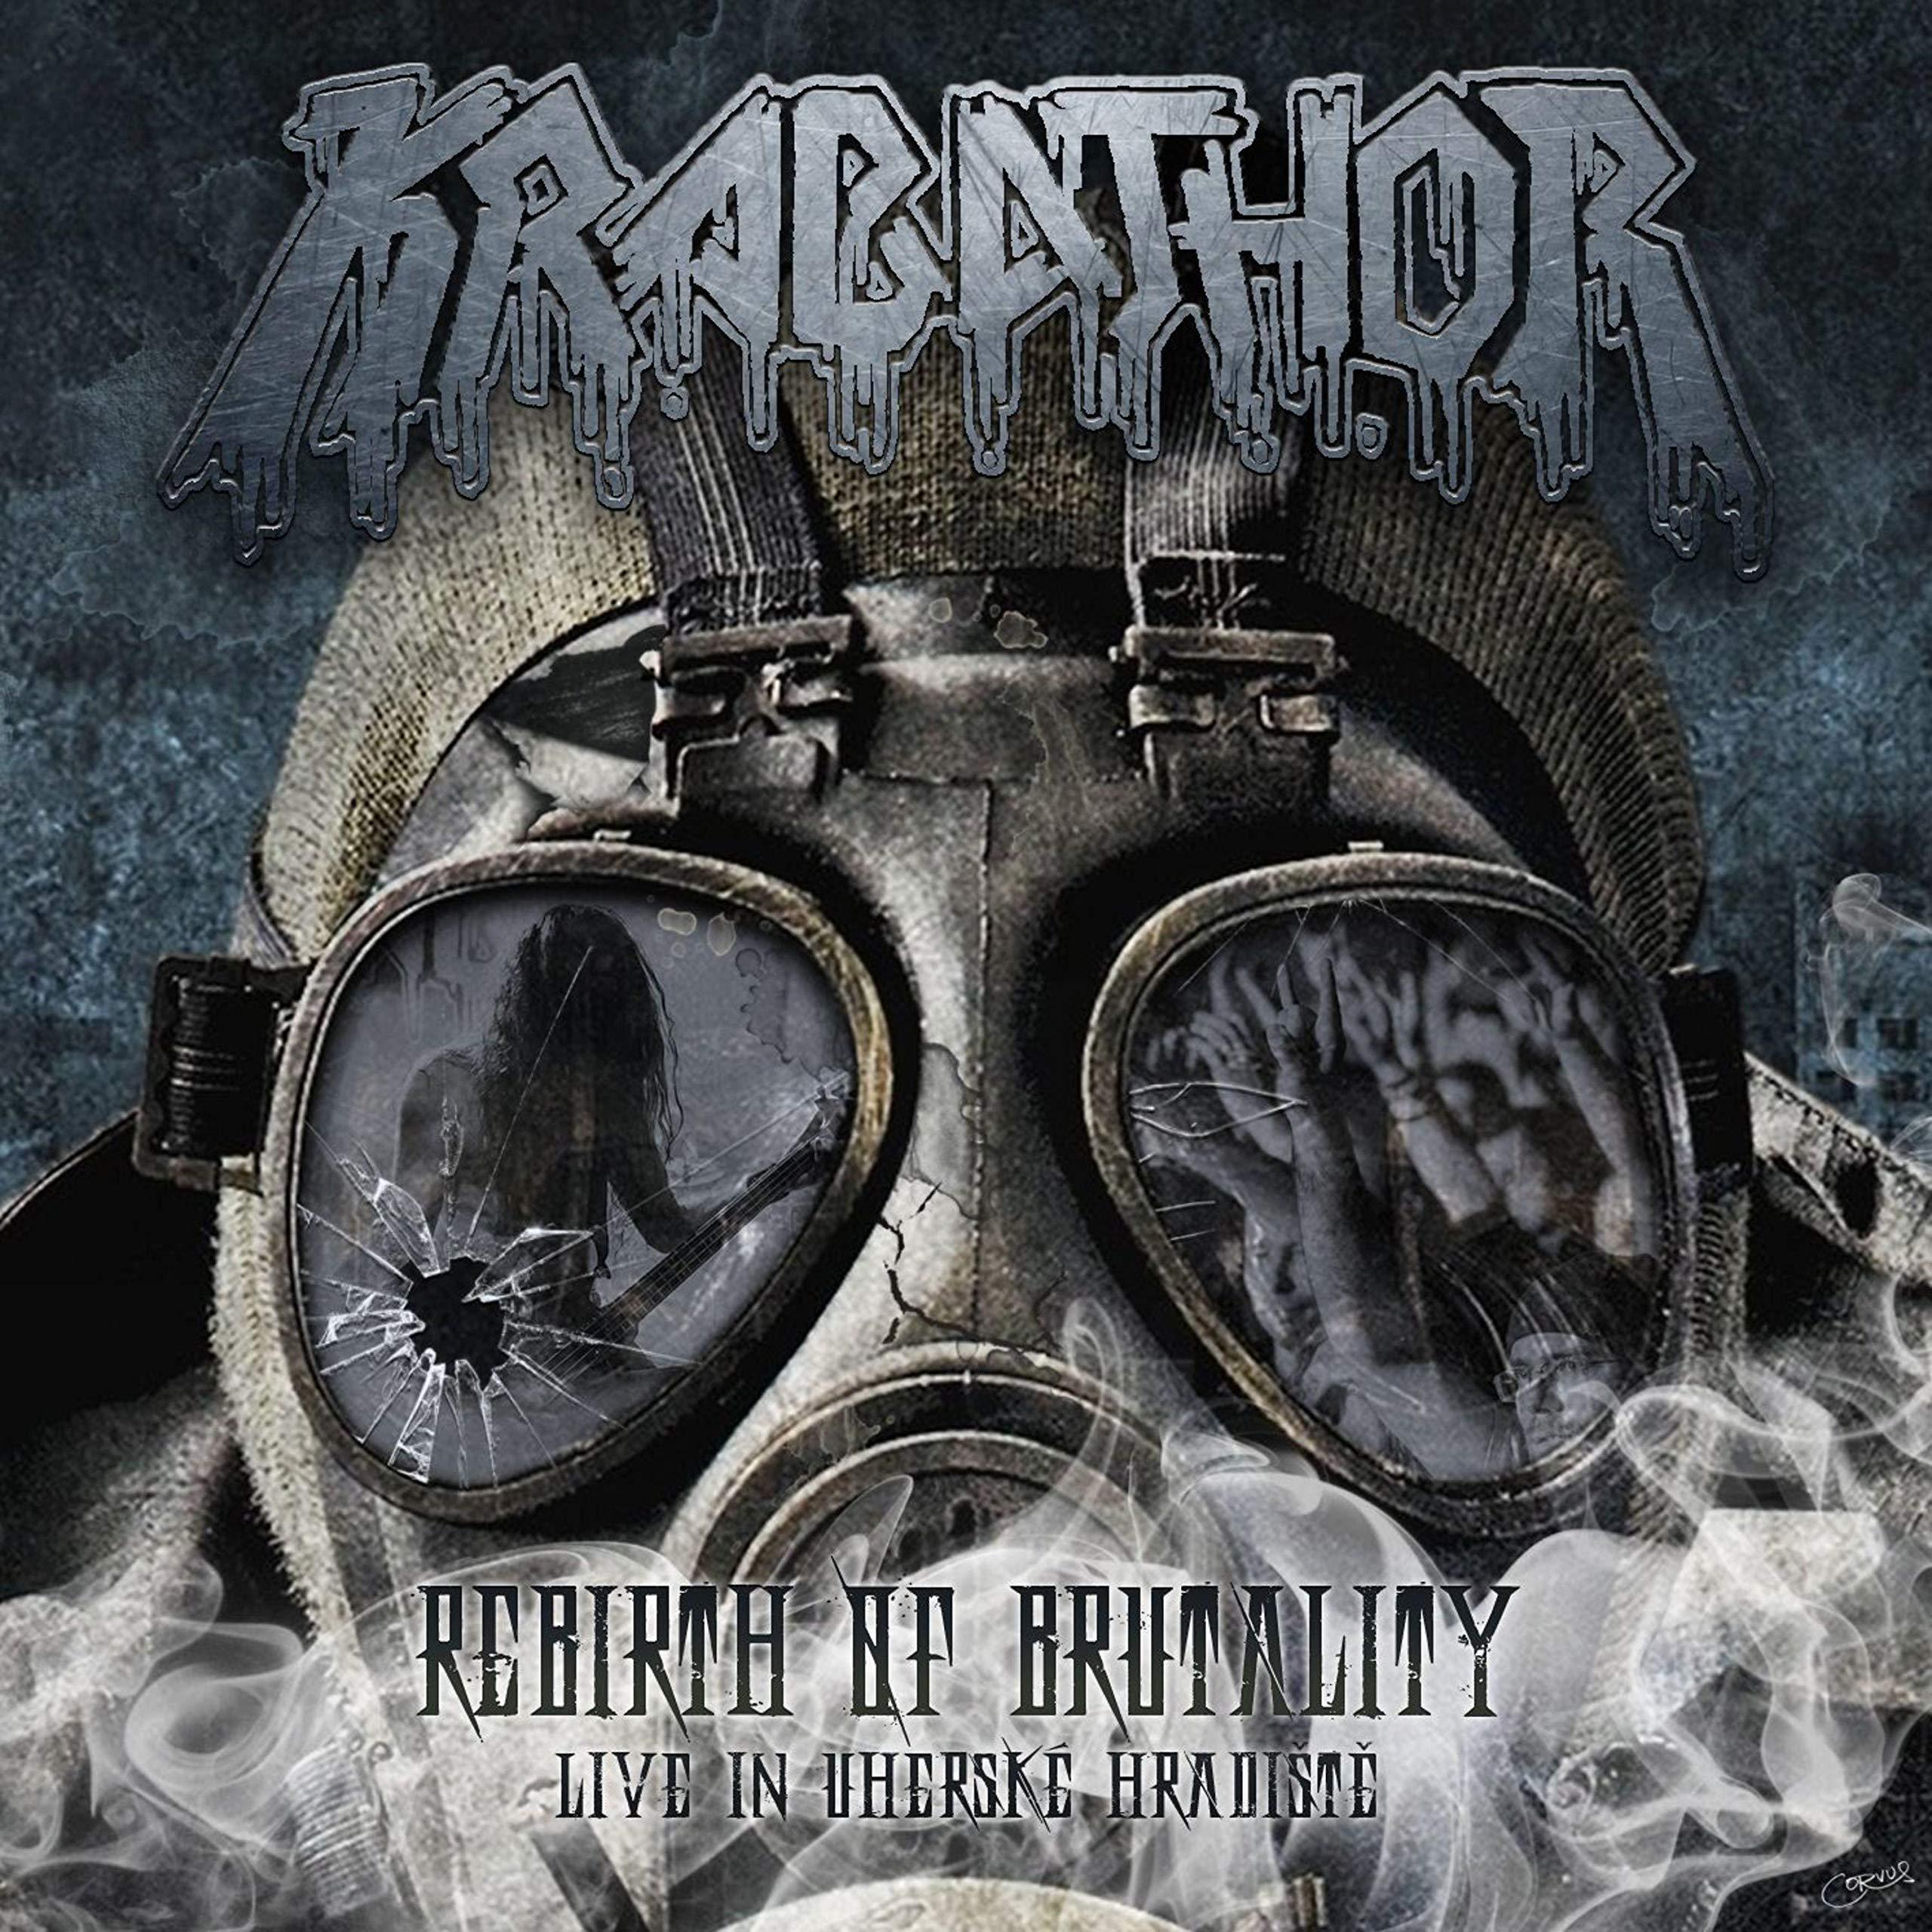 Krabathor - Rebirth of Brutality: Live in Uherske Hradiste (2015) [FLAC] Download